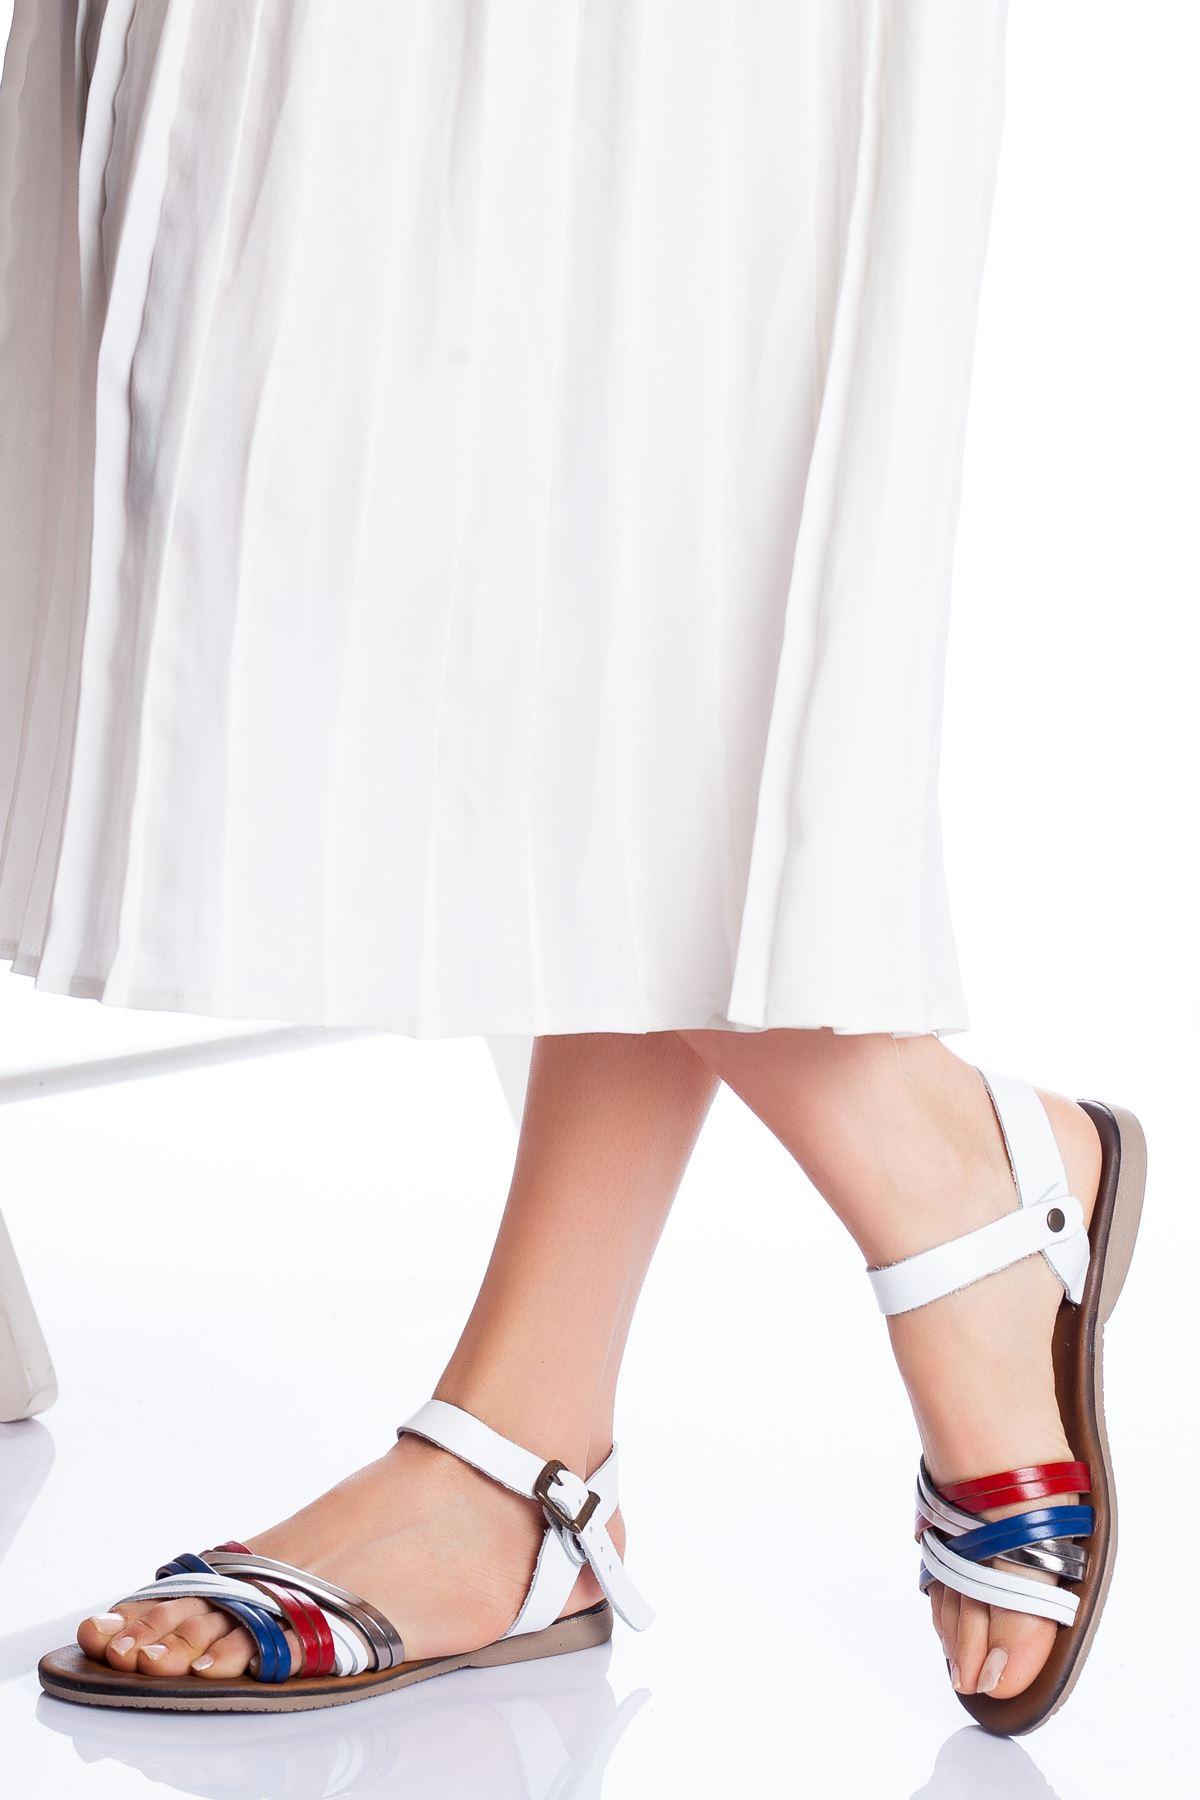 Dorel Hakiki Deri Sandalet TOMMY